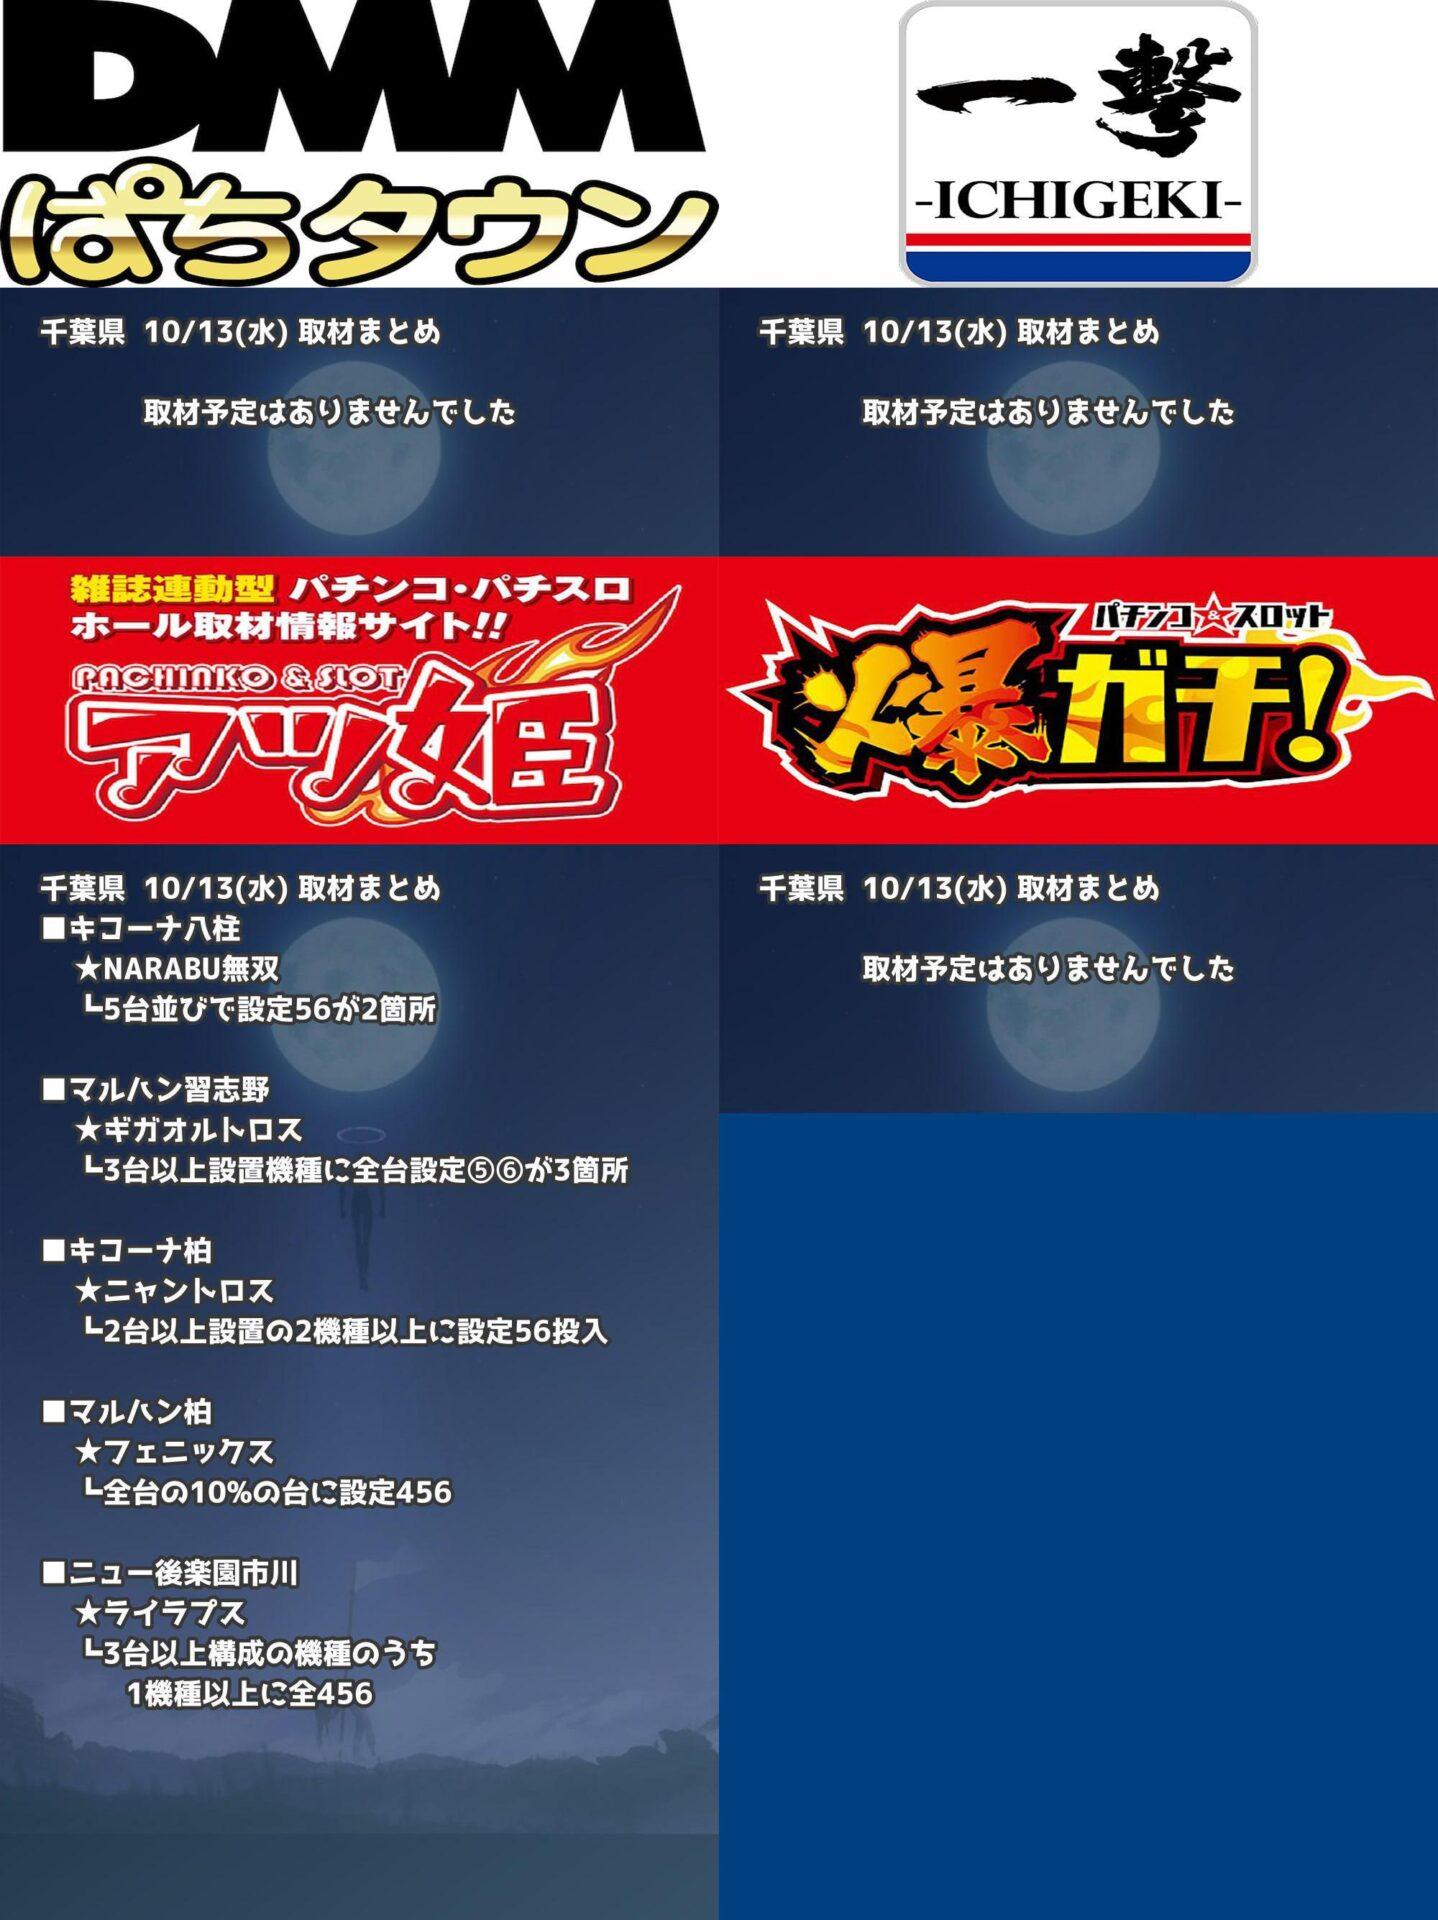 千葉県_2021-10-13_パチンコ・パチスロ_イベント